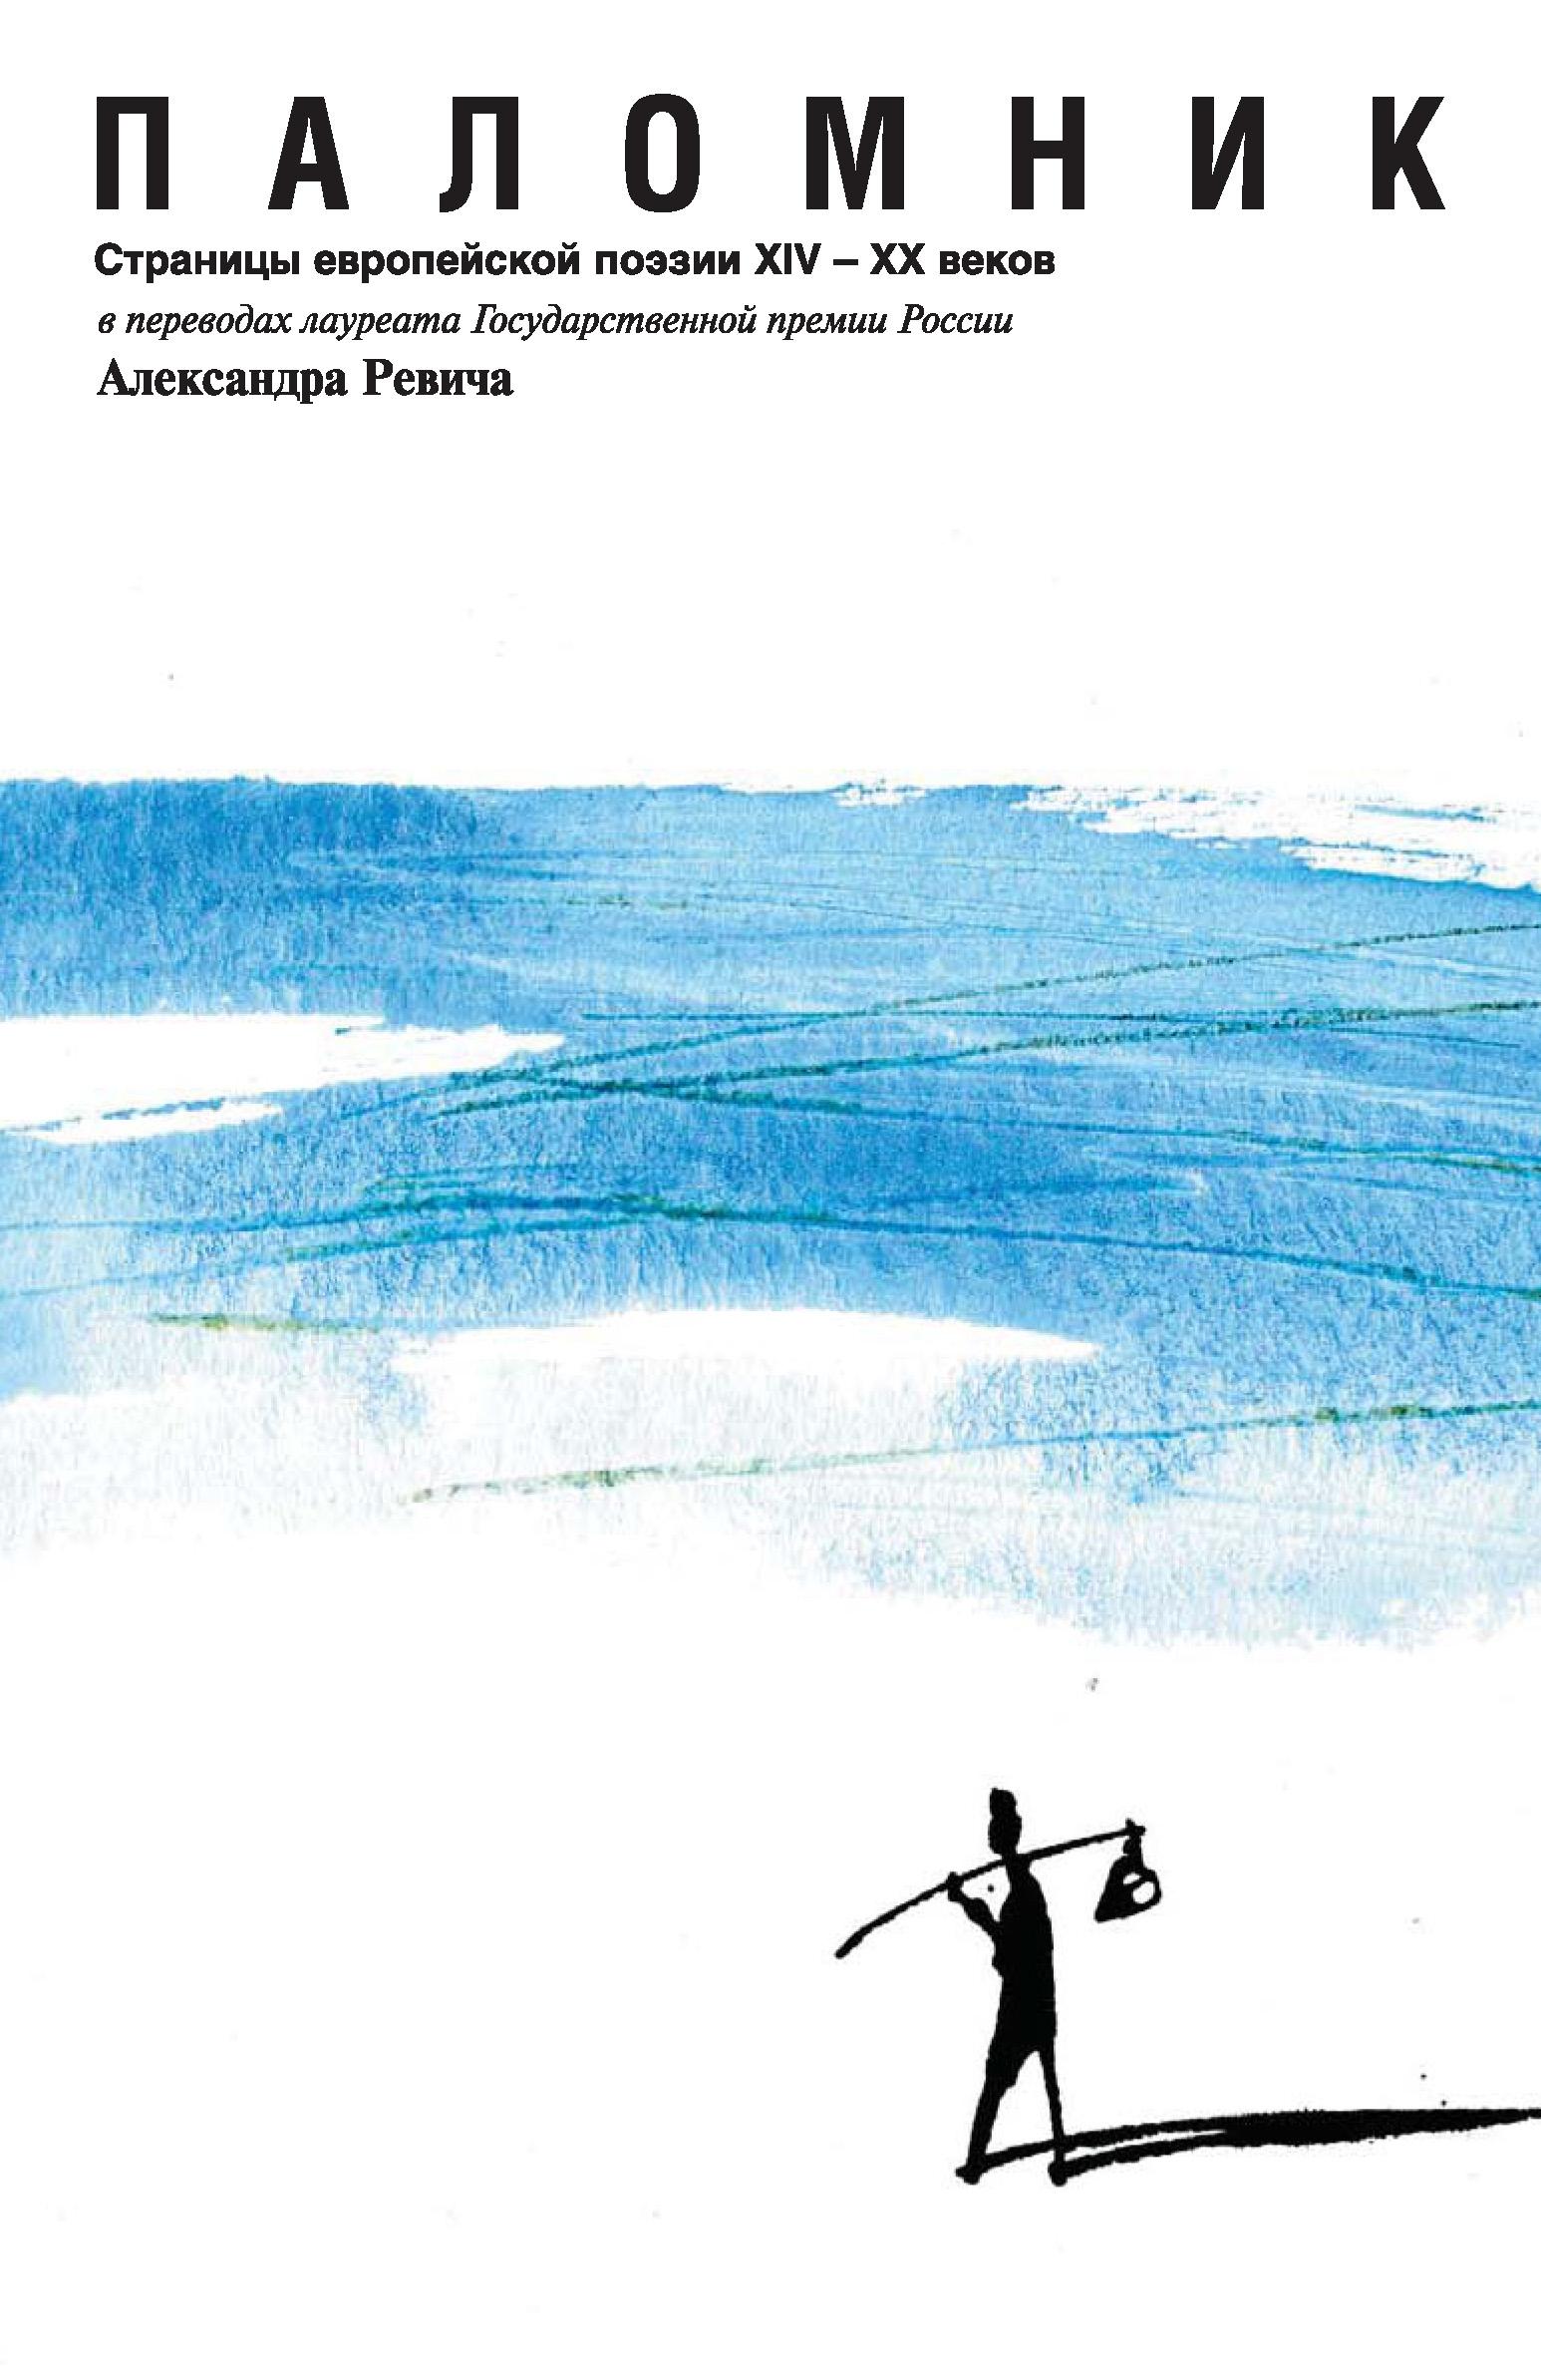 Сборник стихов Паломник. Страницы европейской поэзии XIV – XX веков самарий великовский в скрещенье лучей очерки французской поэзии xix–xx веков